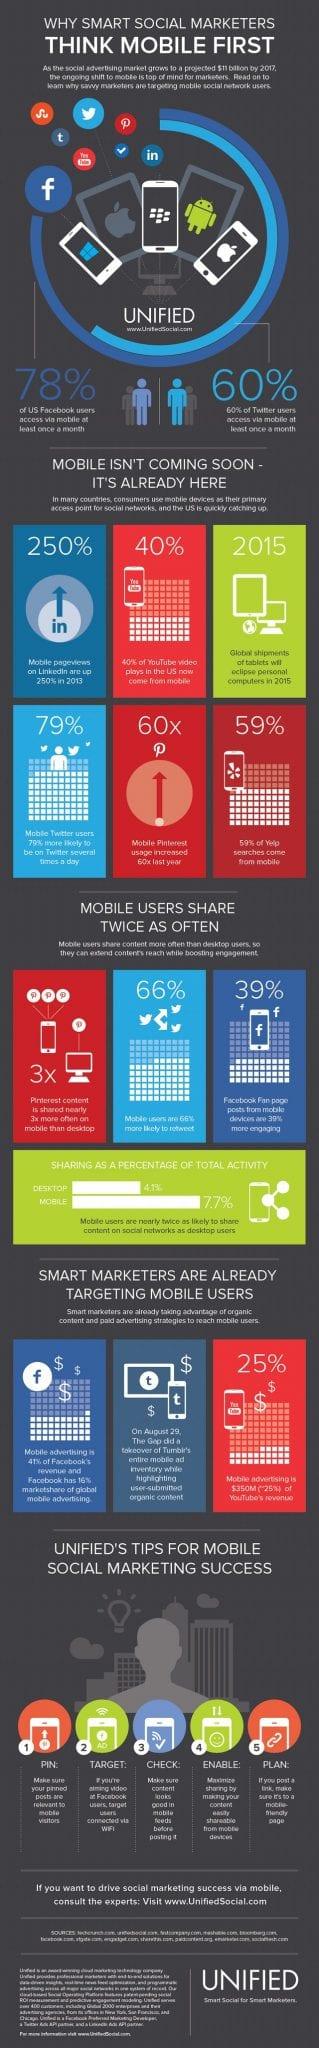 mobile-social-marketing